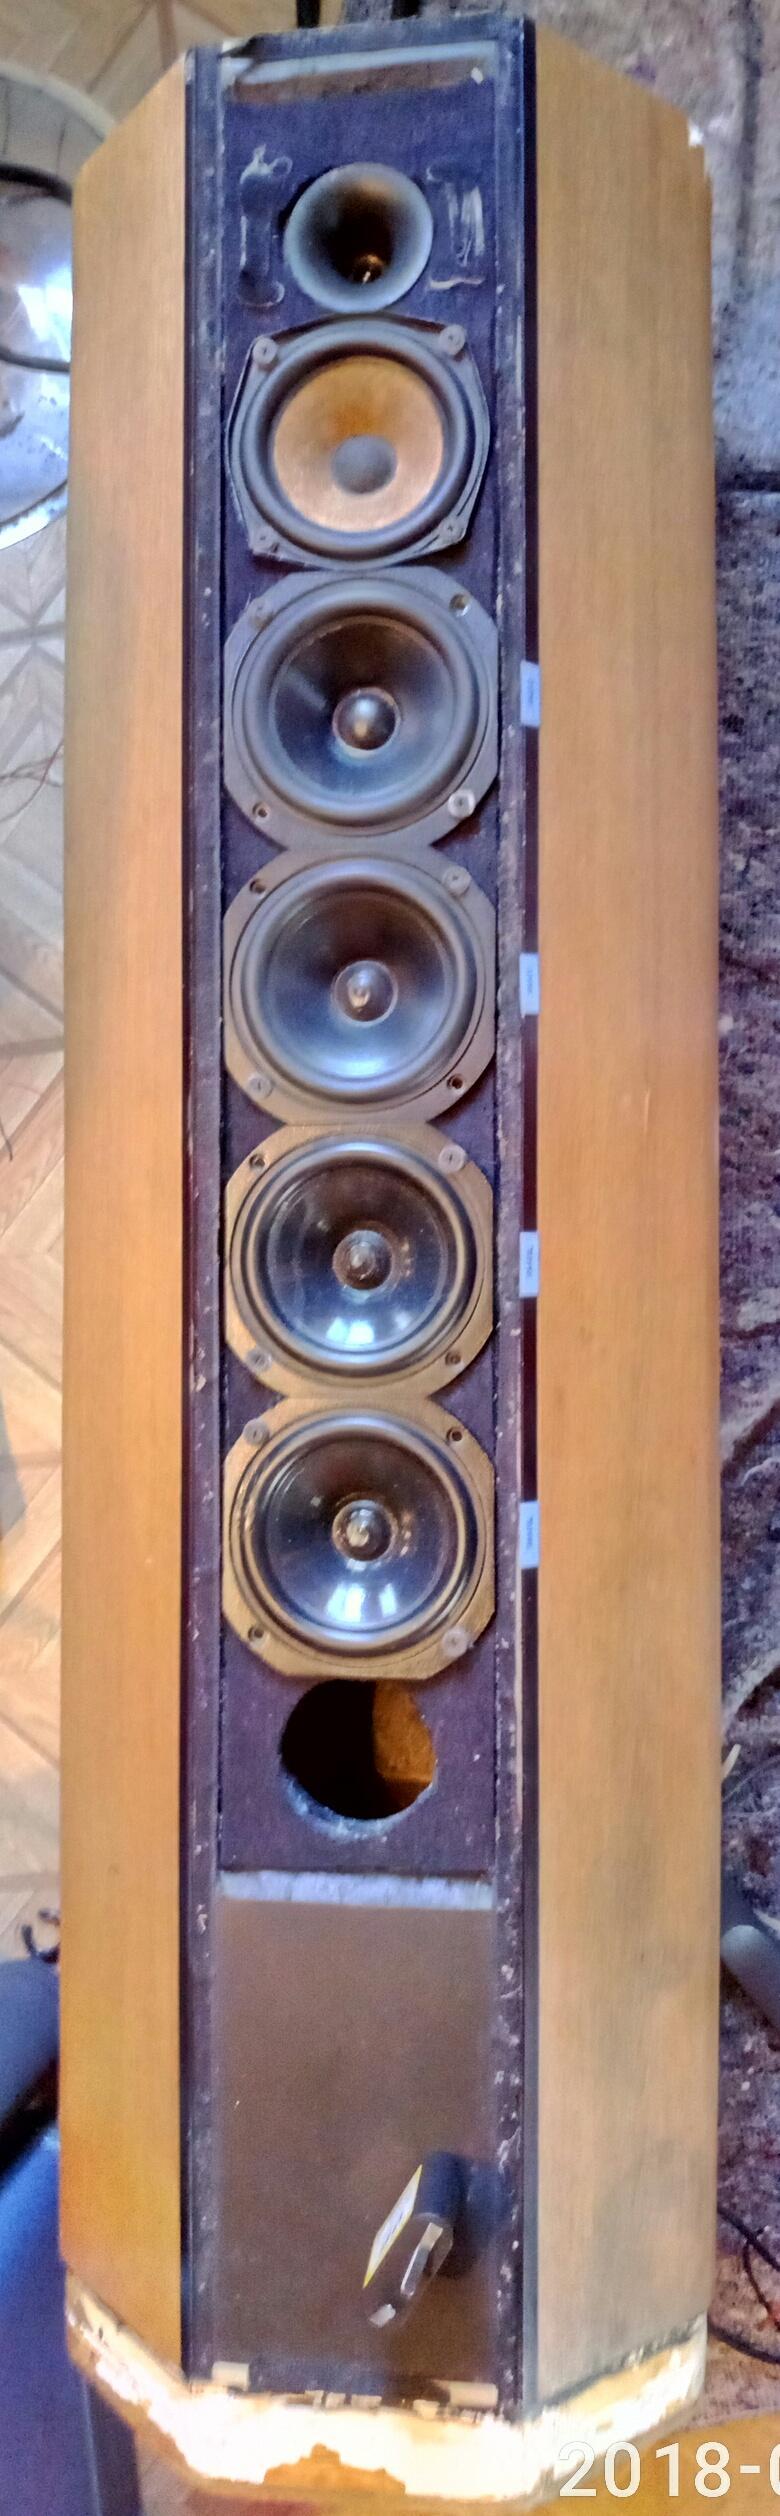 hp intalle et cable,reste le filtre de cablage mono/bi amplification a brancher pour l'ecoute en mono!pour l'instant.